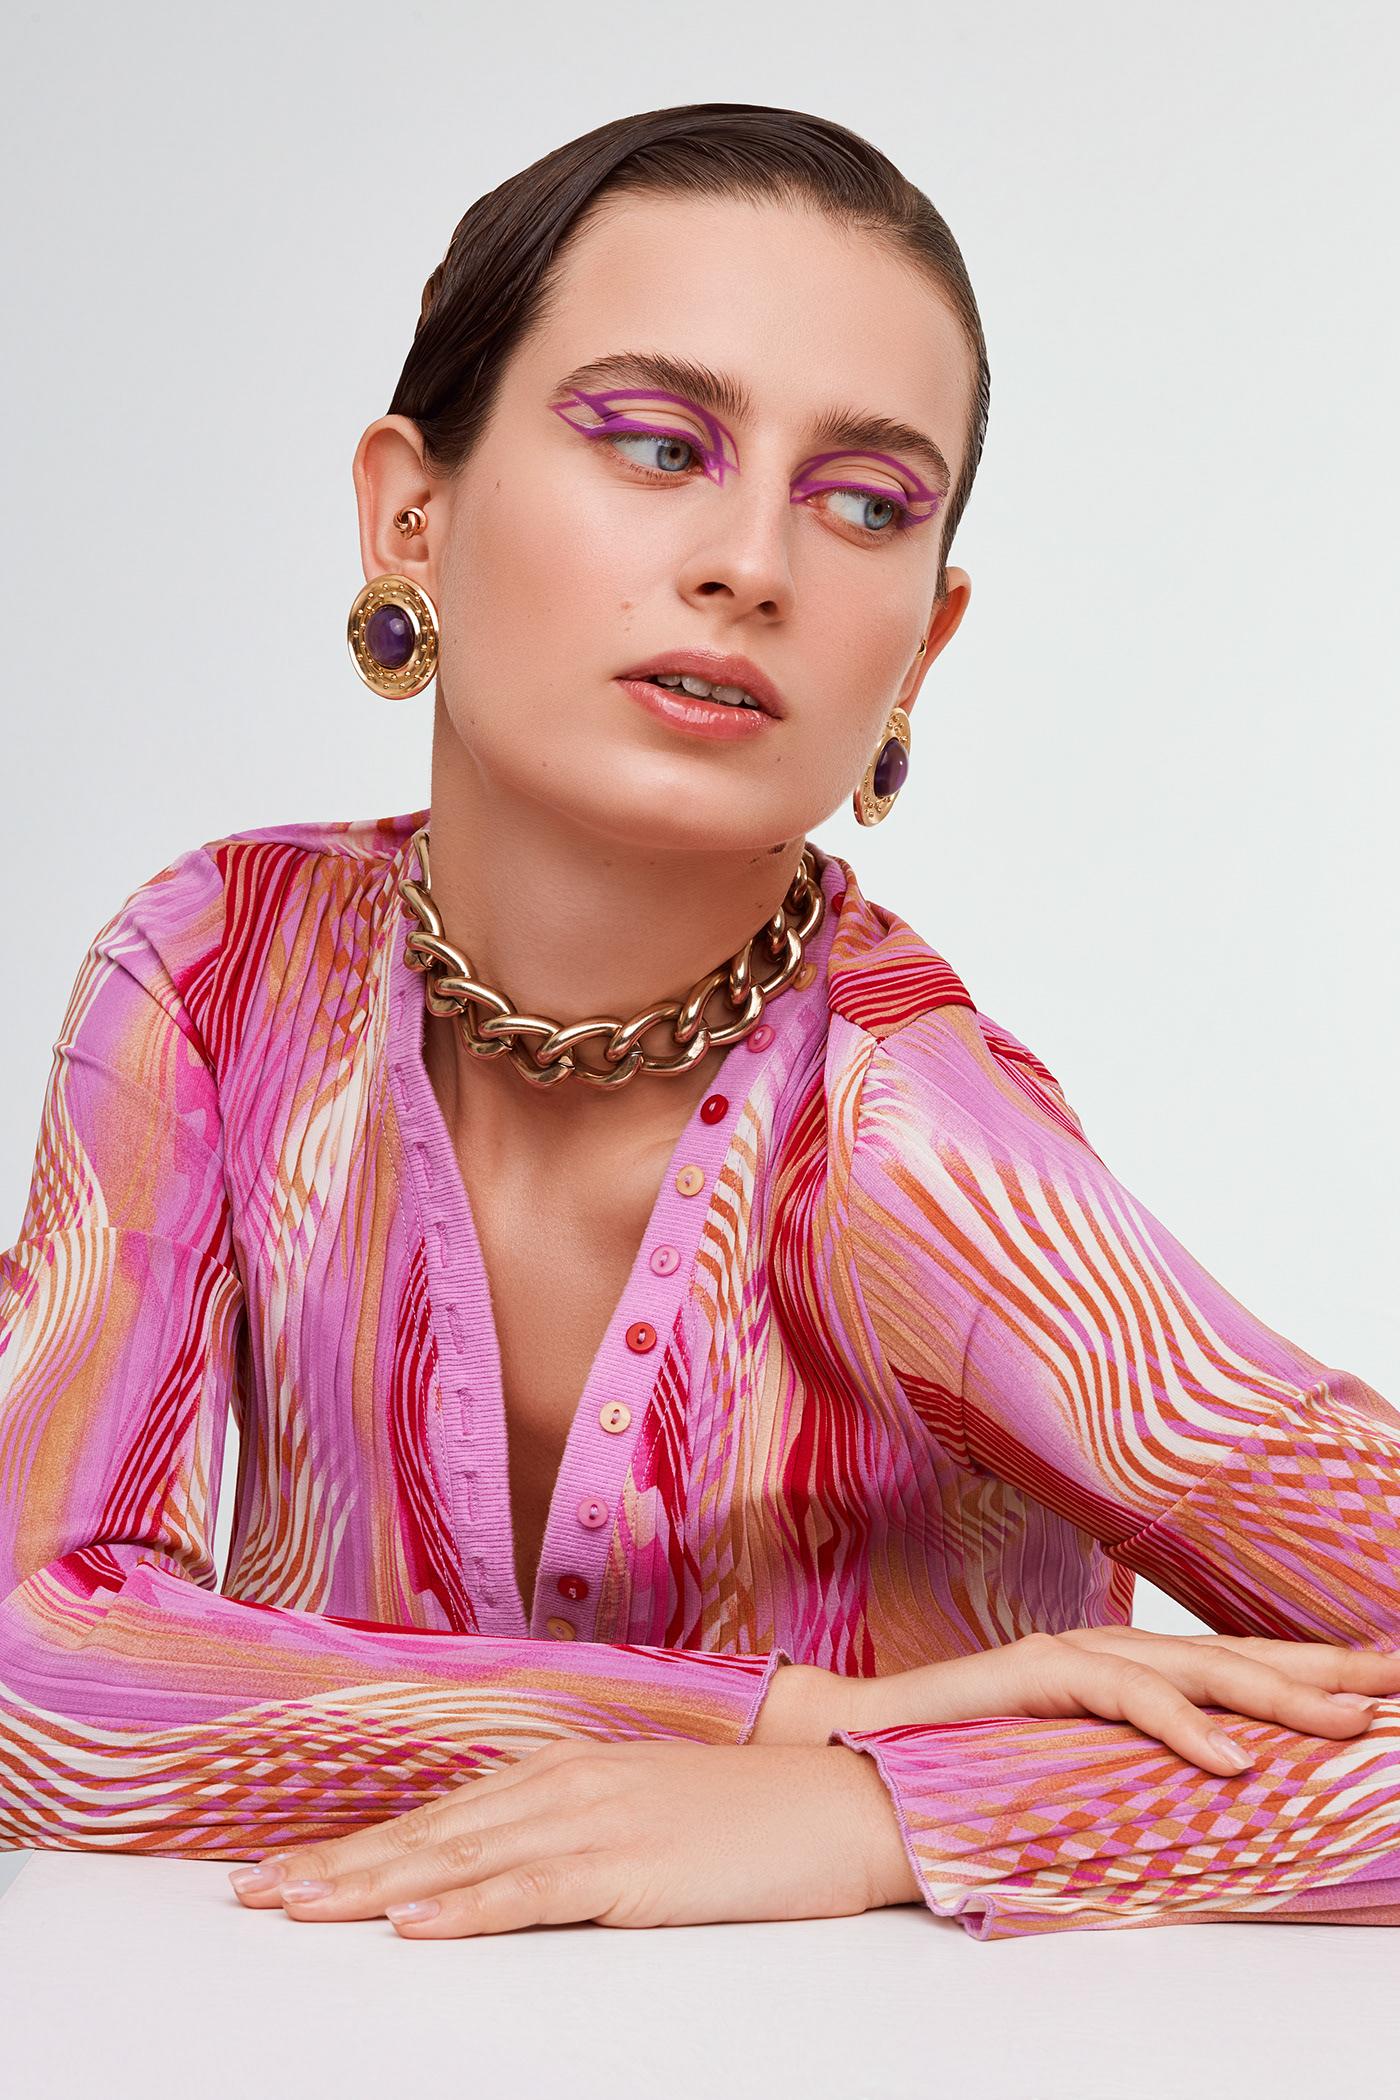 beauty close up Make Up retouch retouching  skin art Face art macro MUA